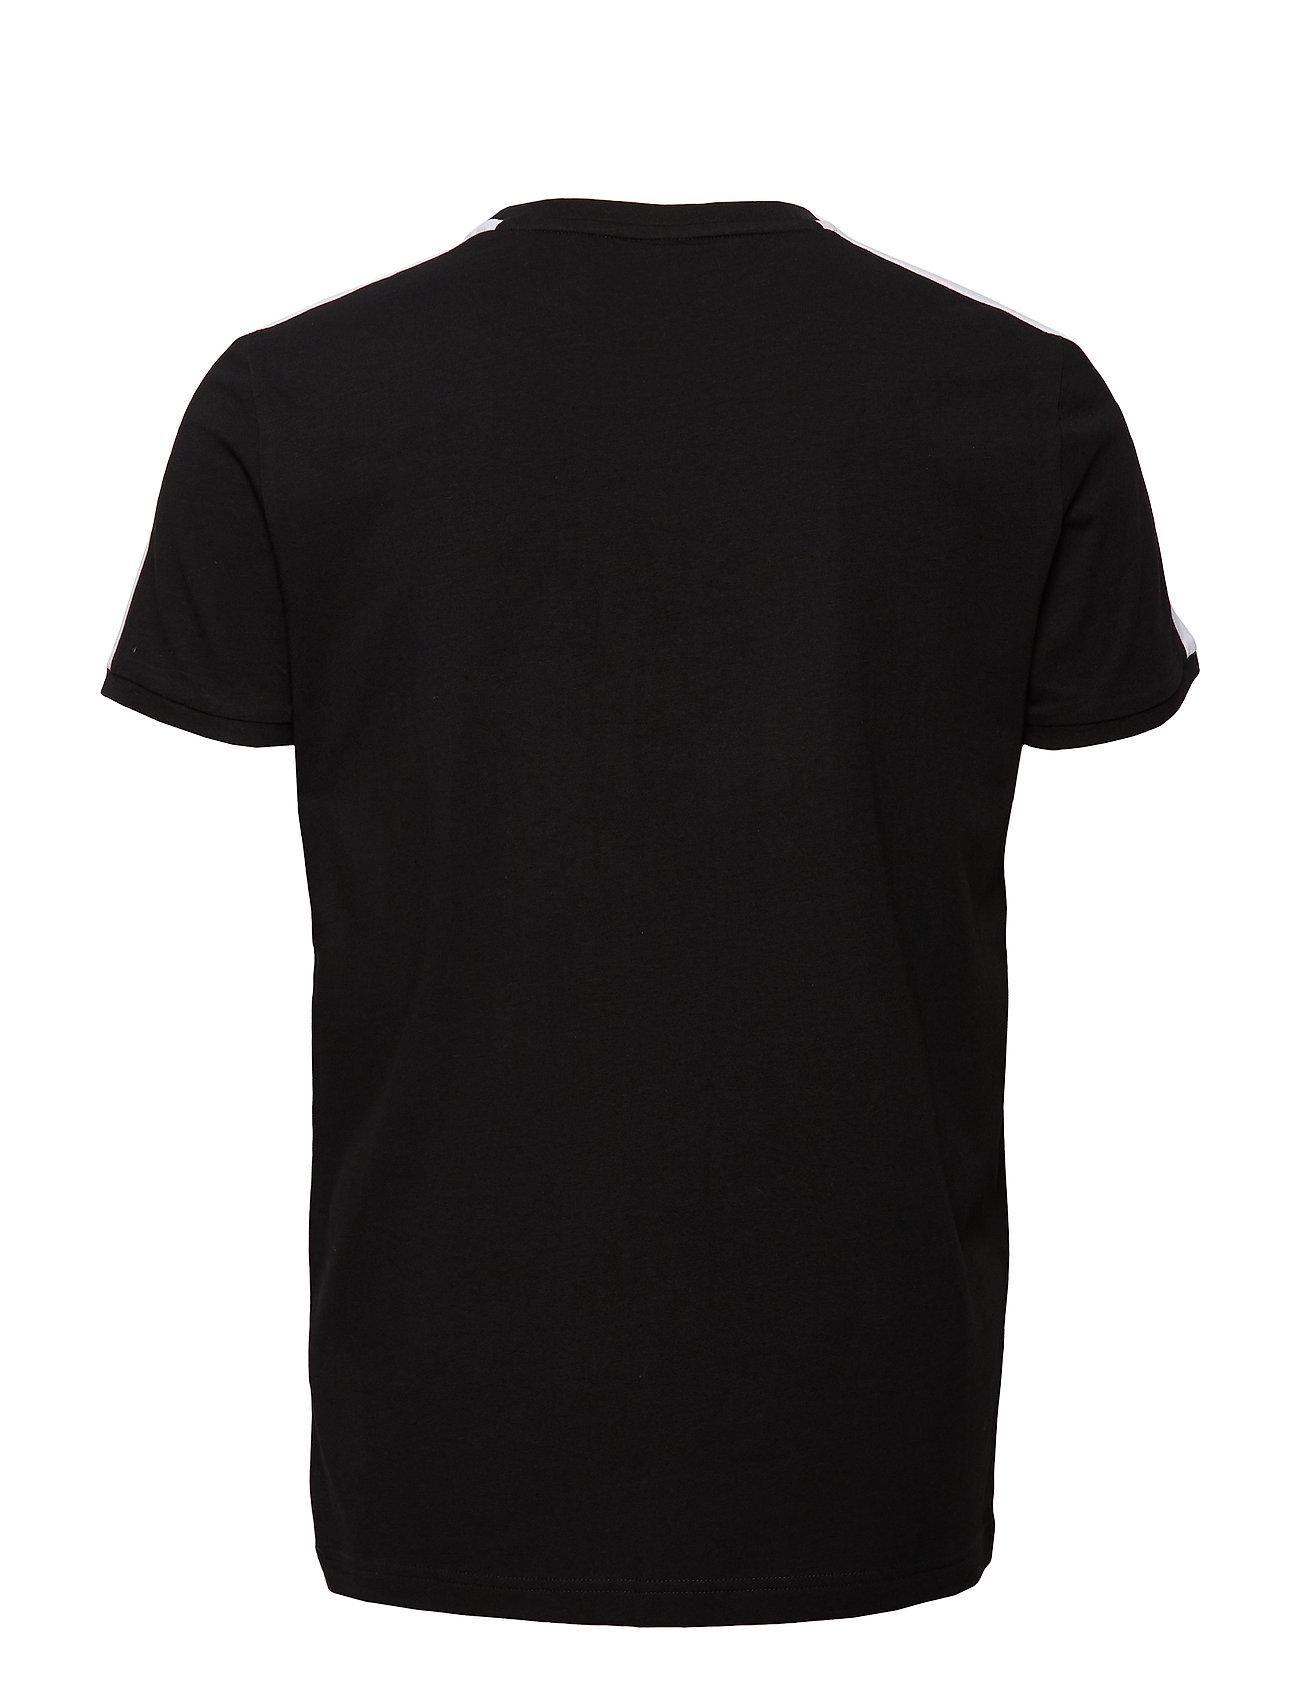 Tee Slim BlackPuma Iconic T7 Fitpuma sortxBQhdC